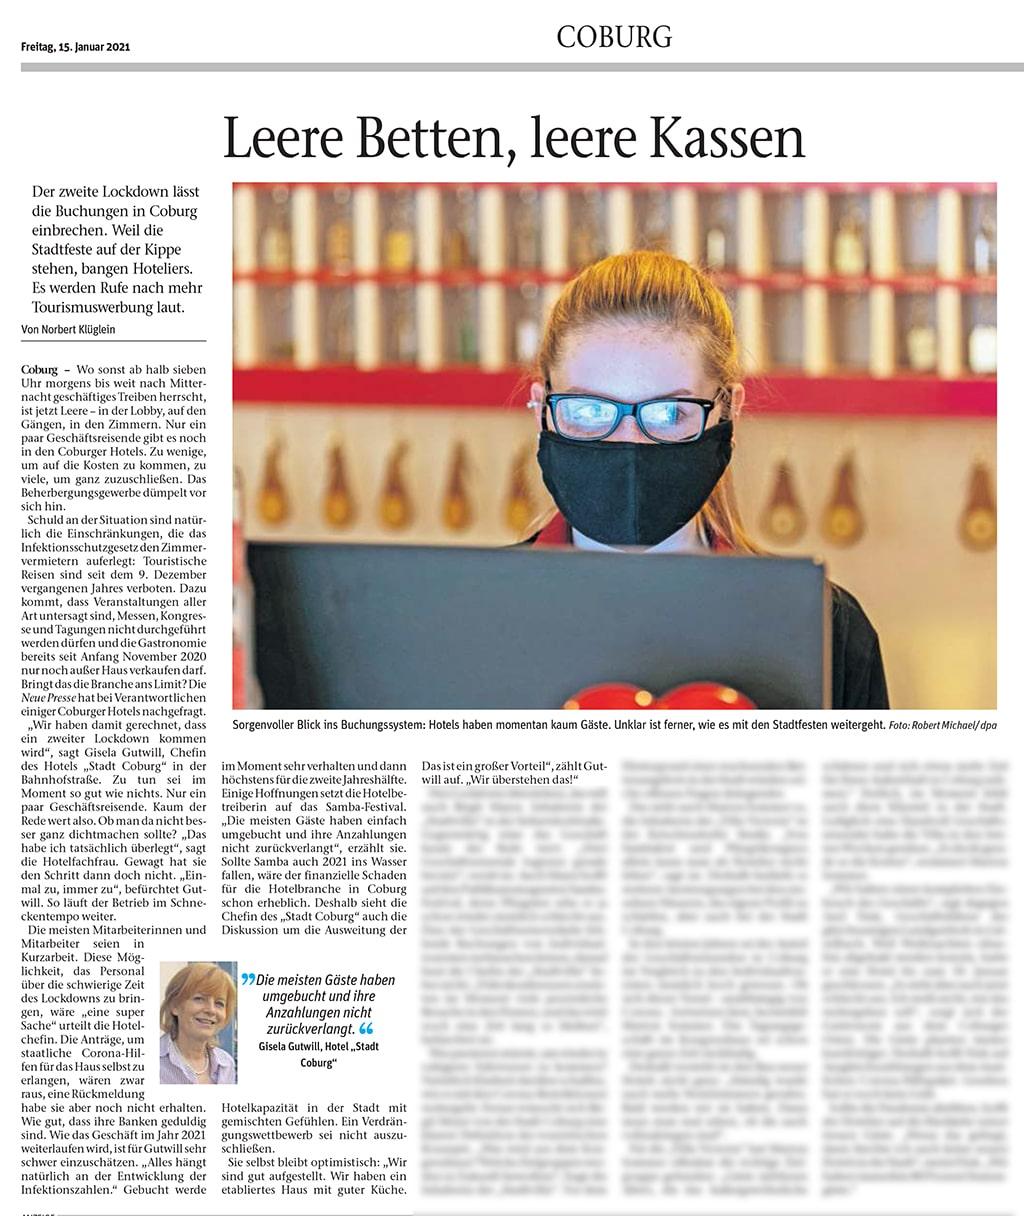 Bild Zeitungsartikel